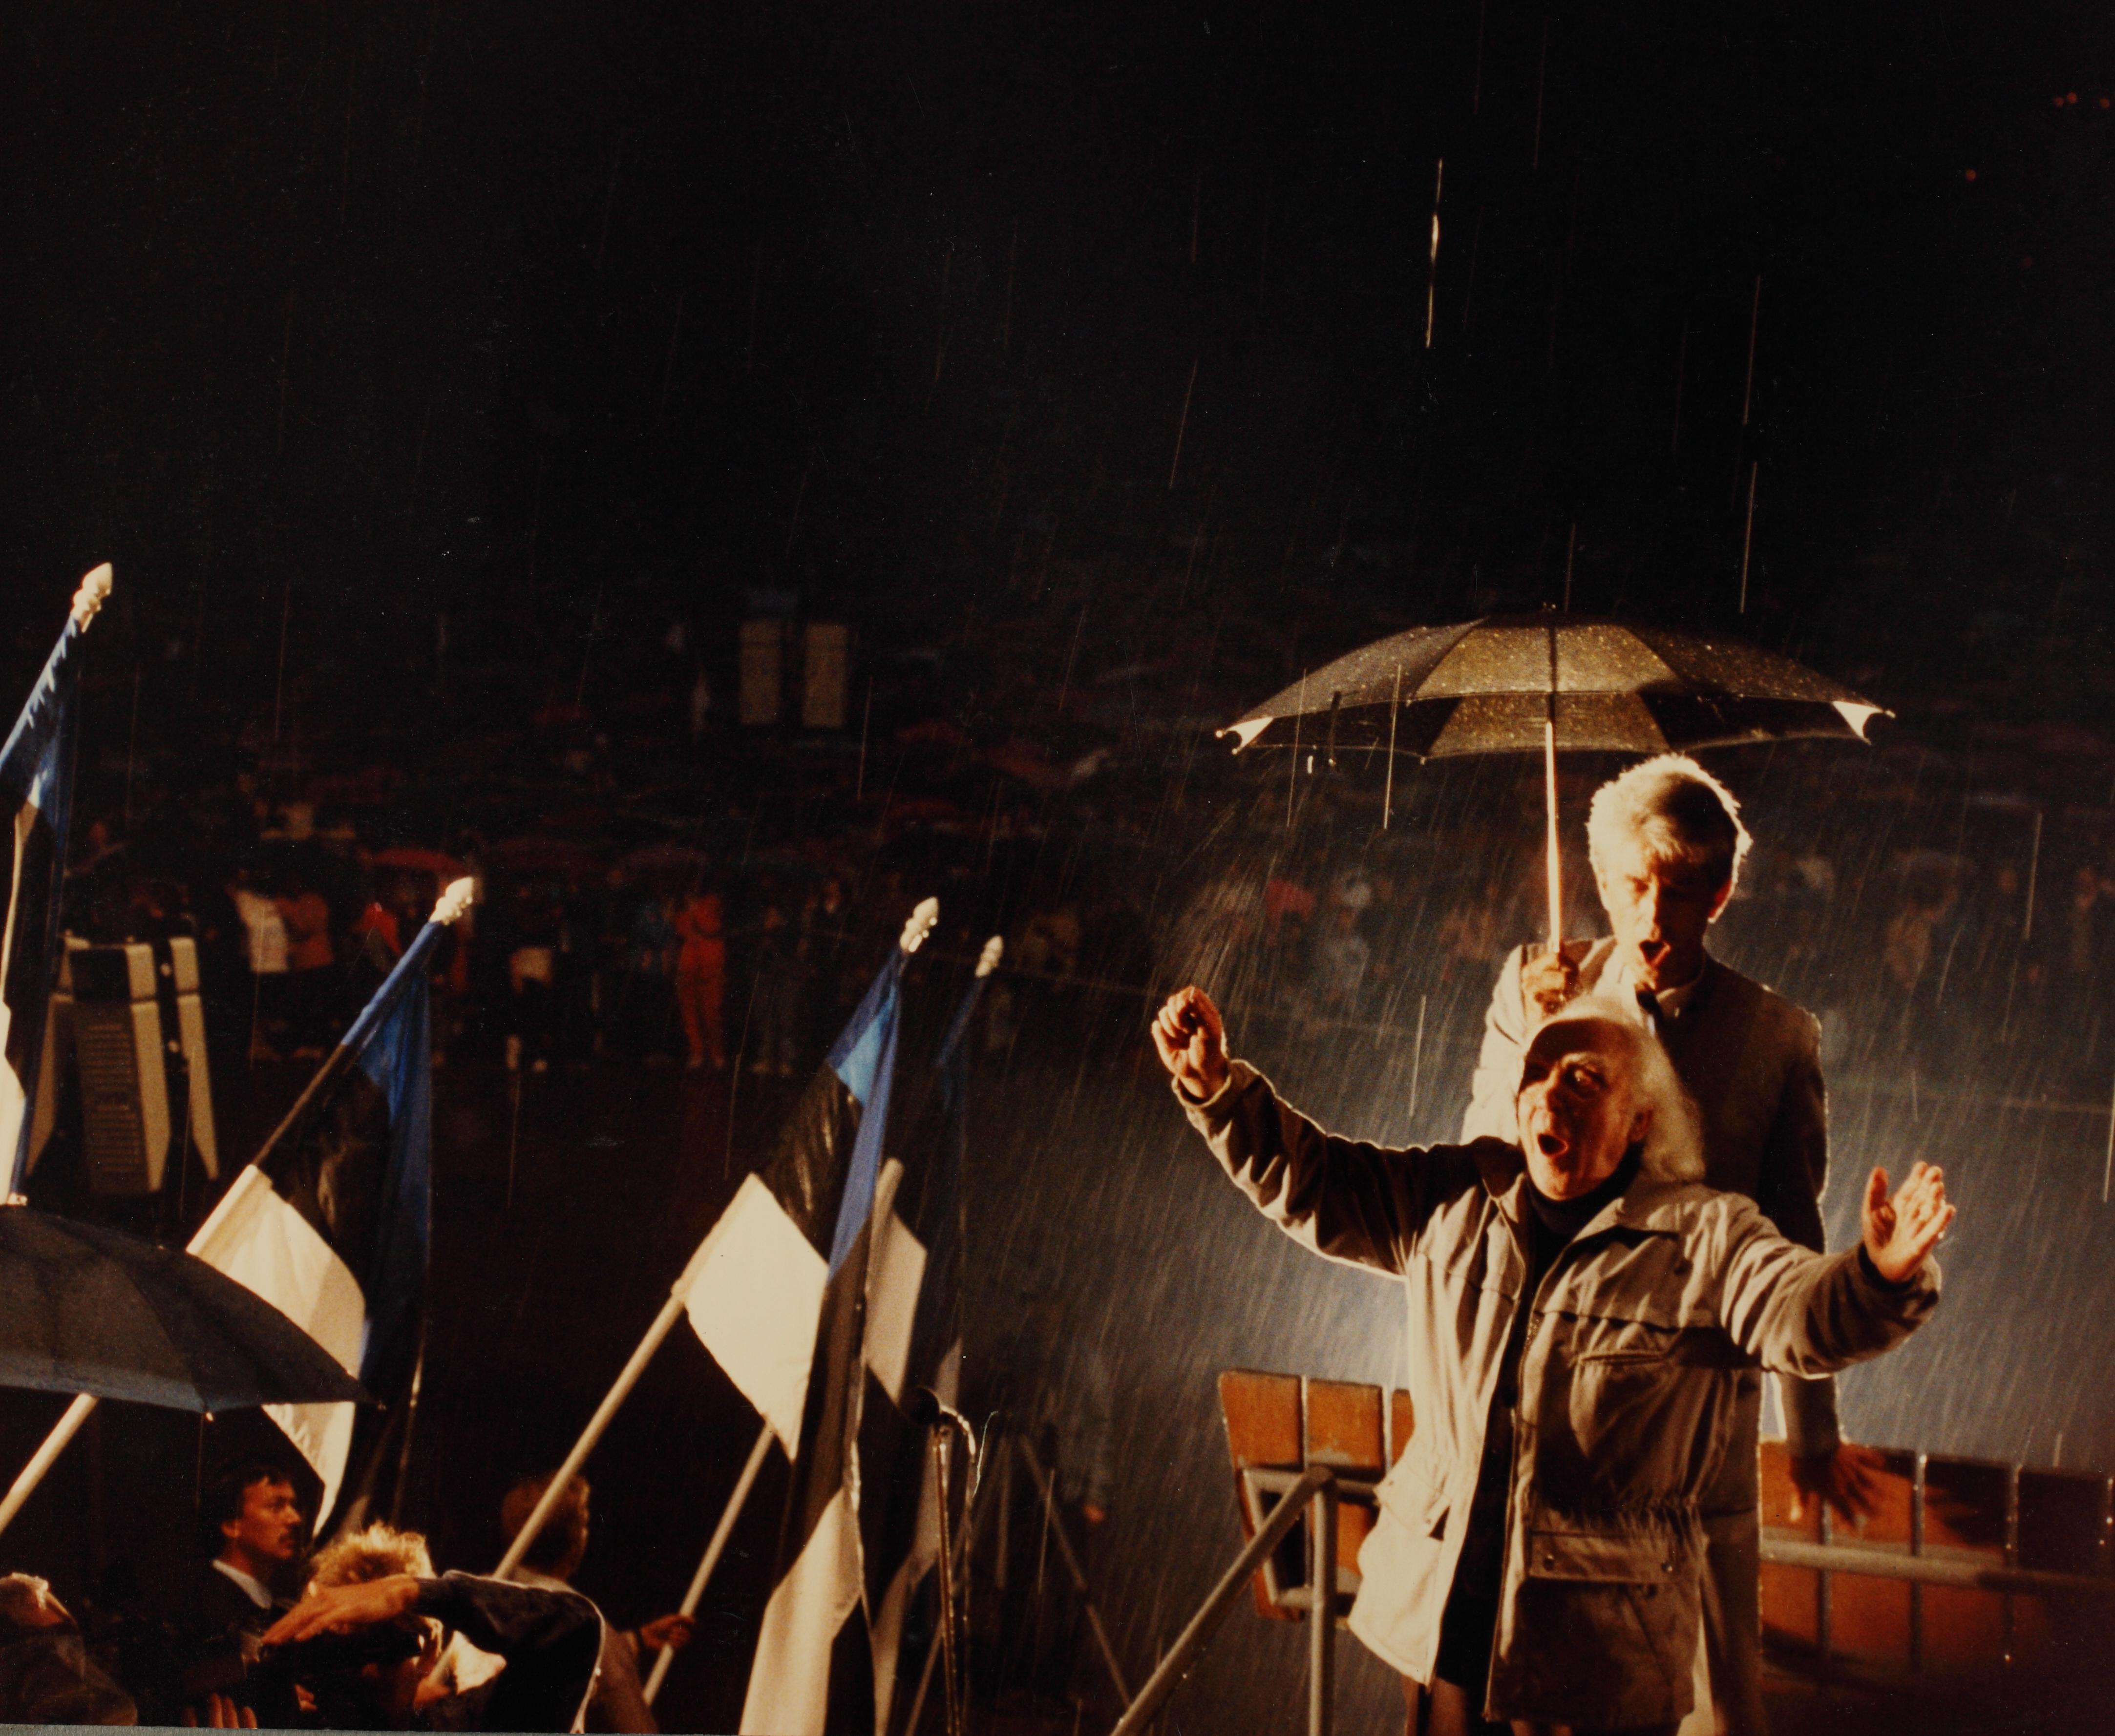 Gustav Ernesaks koori juhatamas Eestimaa Laulu kontserdil, 1988. RA, ERA.5000.1.17.30p.1. era5000_001_0000017_00160_0030p_00001_ft